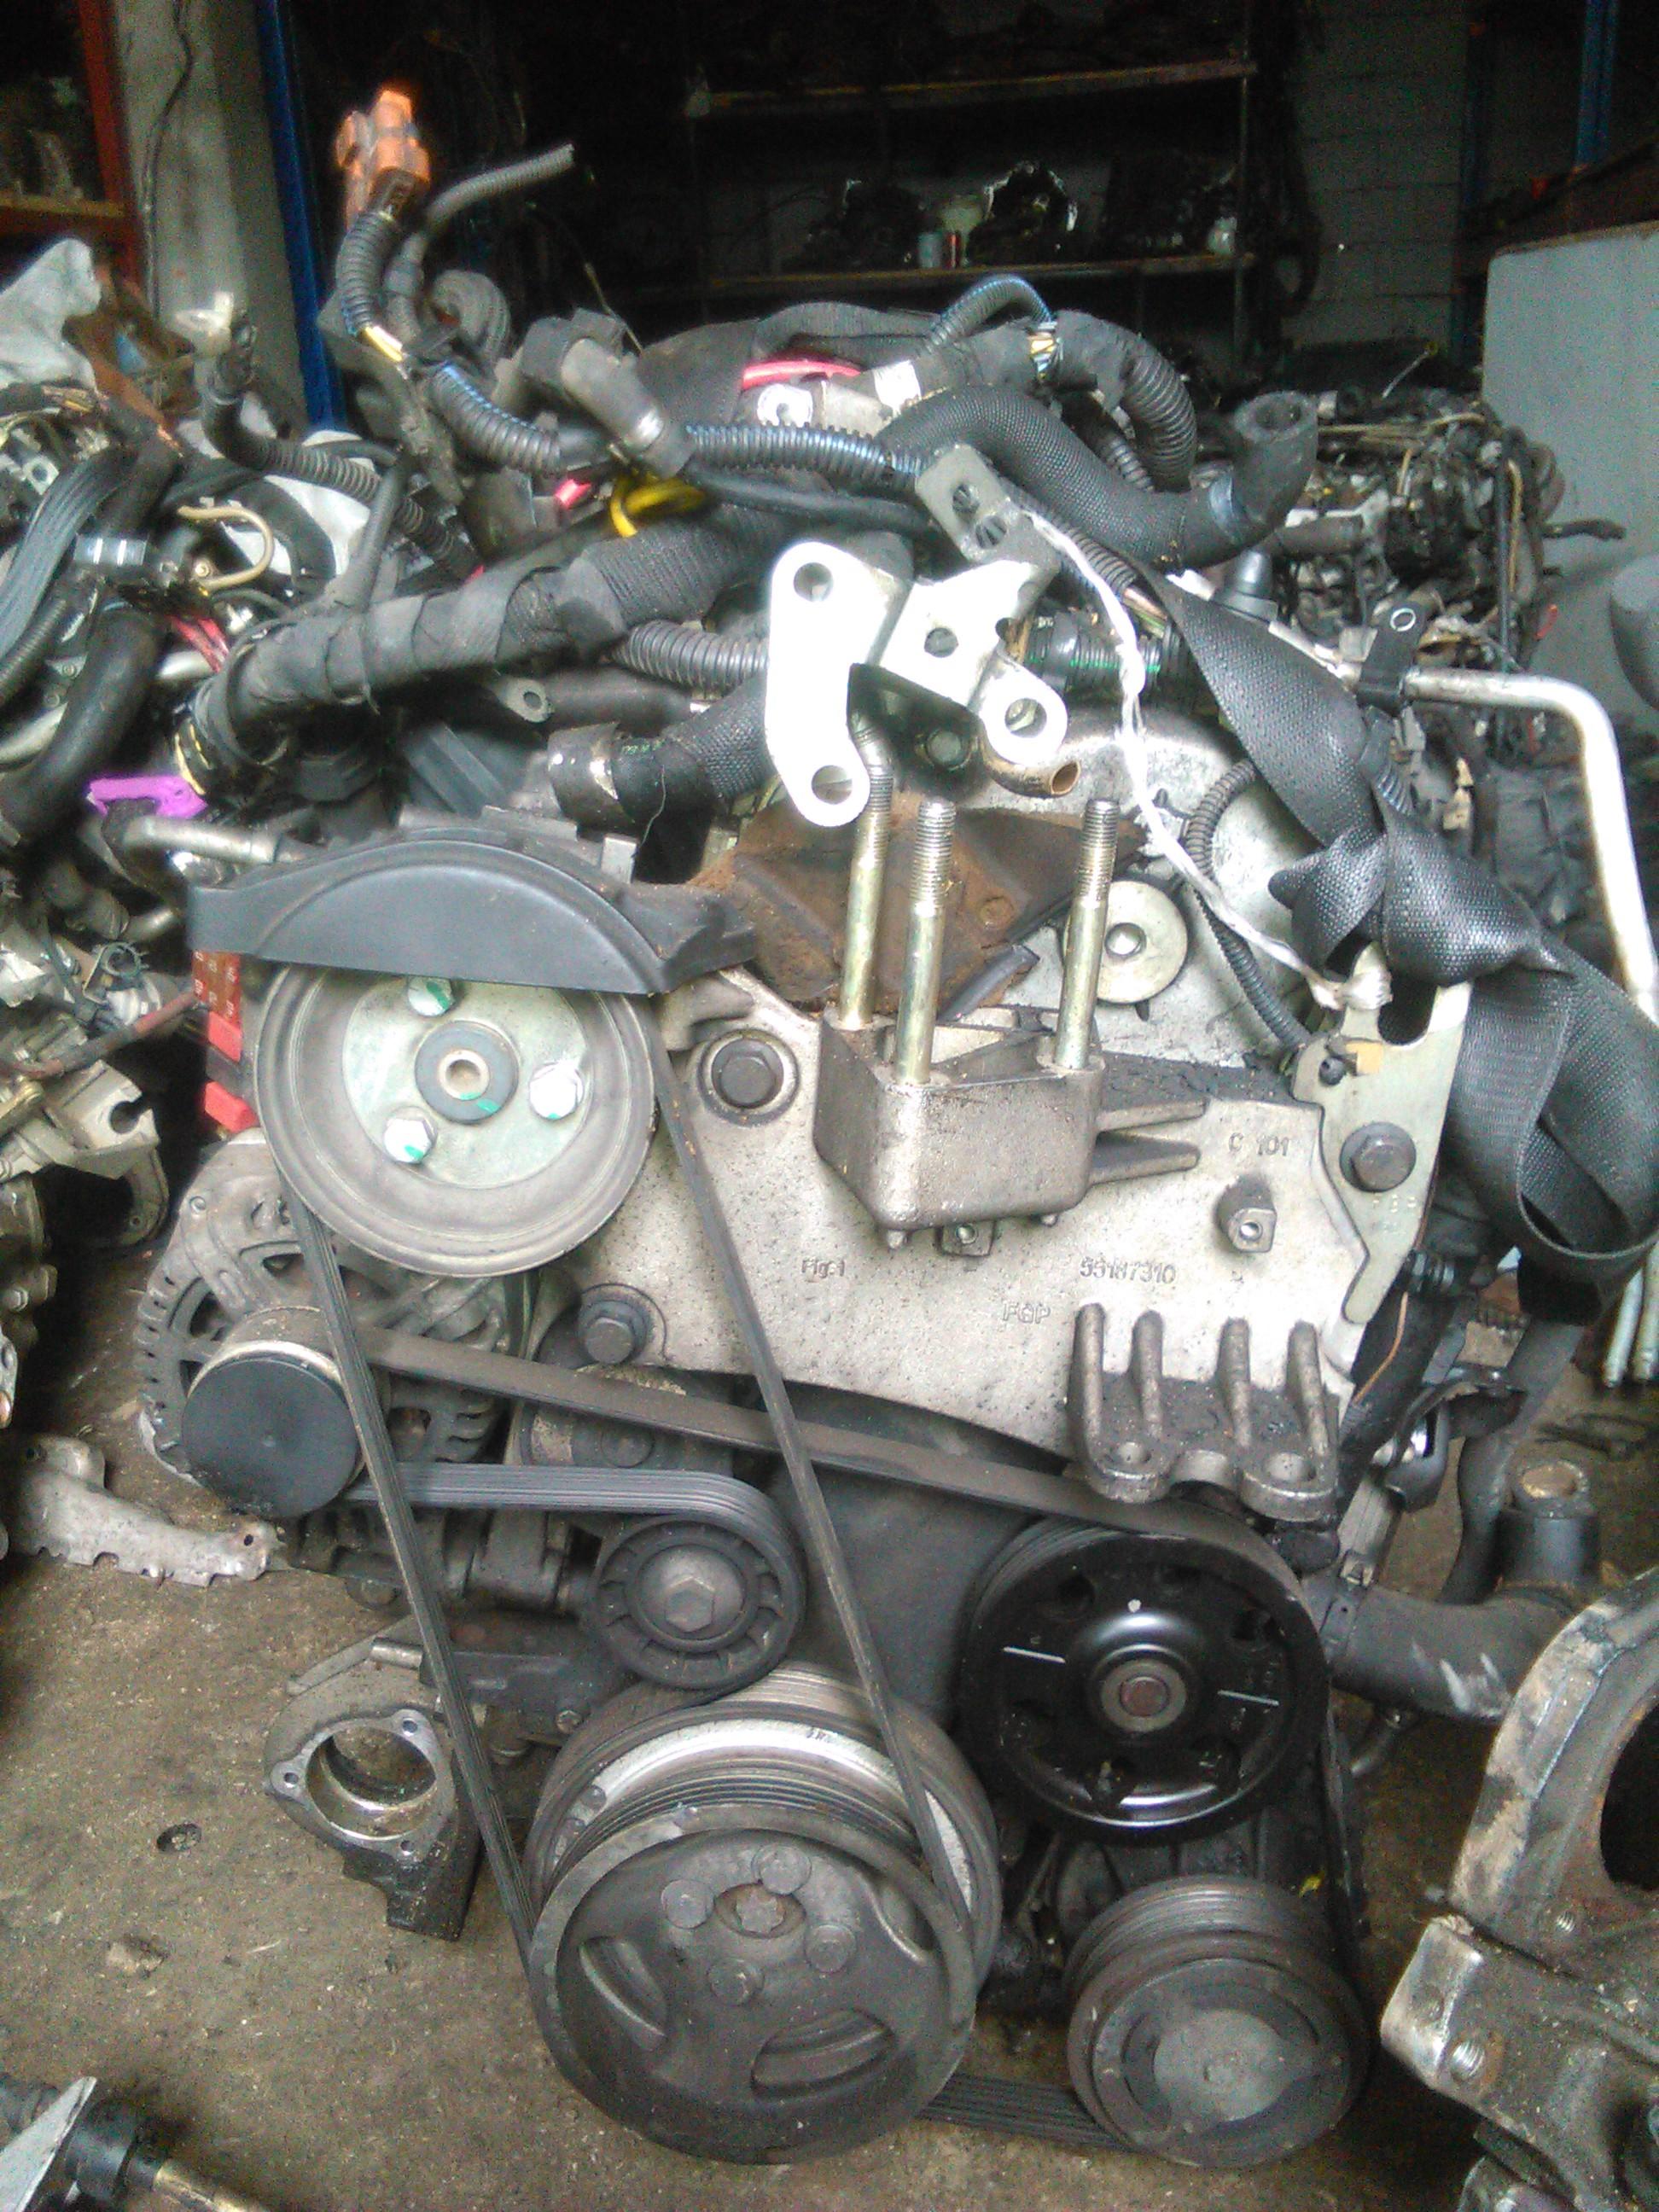 Motor 188a9000 Fiat Doblo 1.3 d multijet